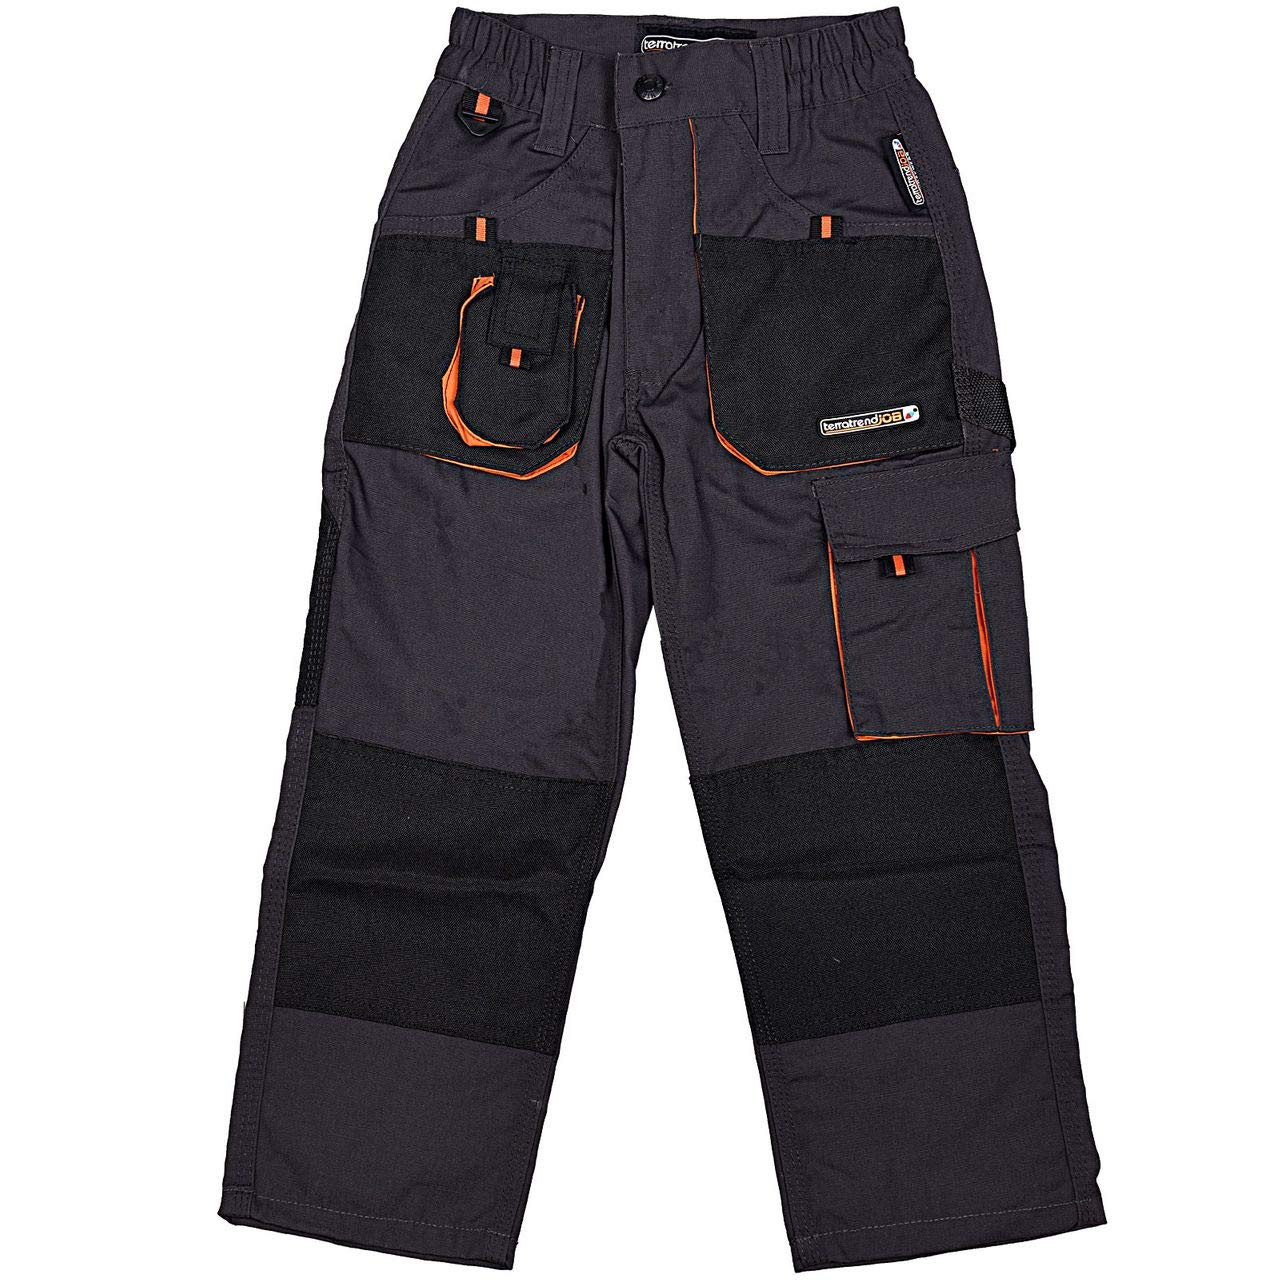 Terratrend Job 6230-140-6310 Pantalon d'Enfants Taille 140 Gris Foncé /Noir